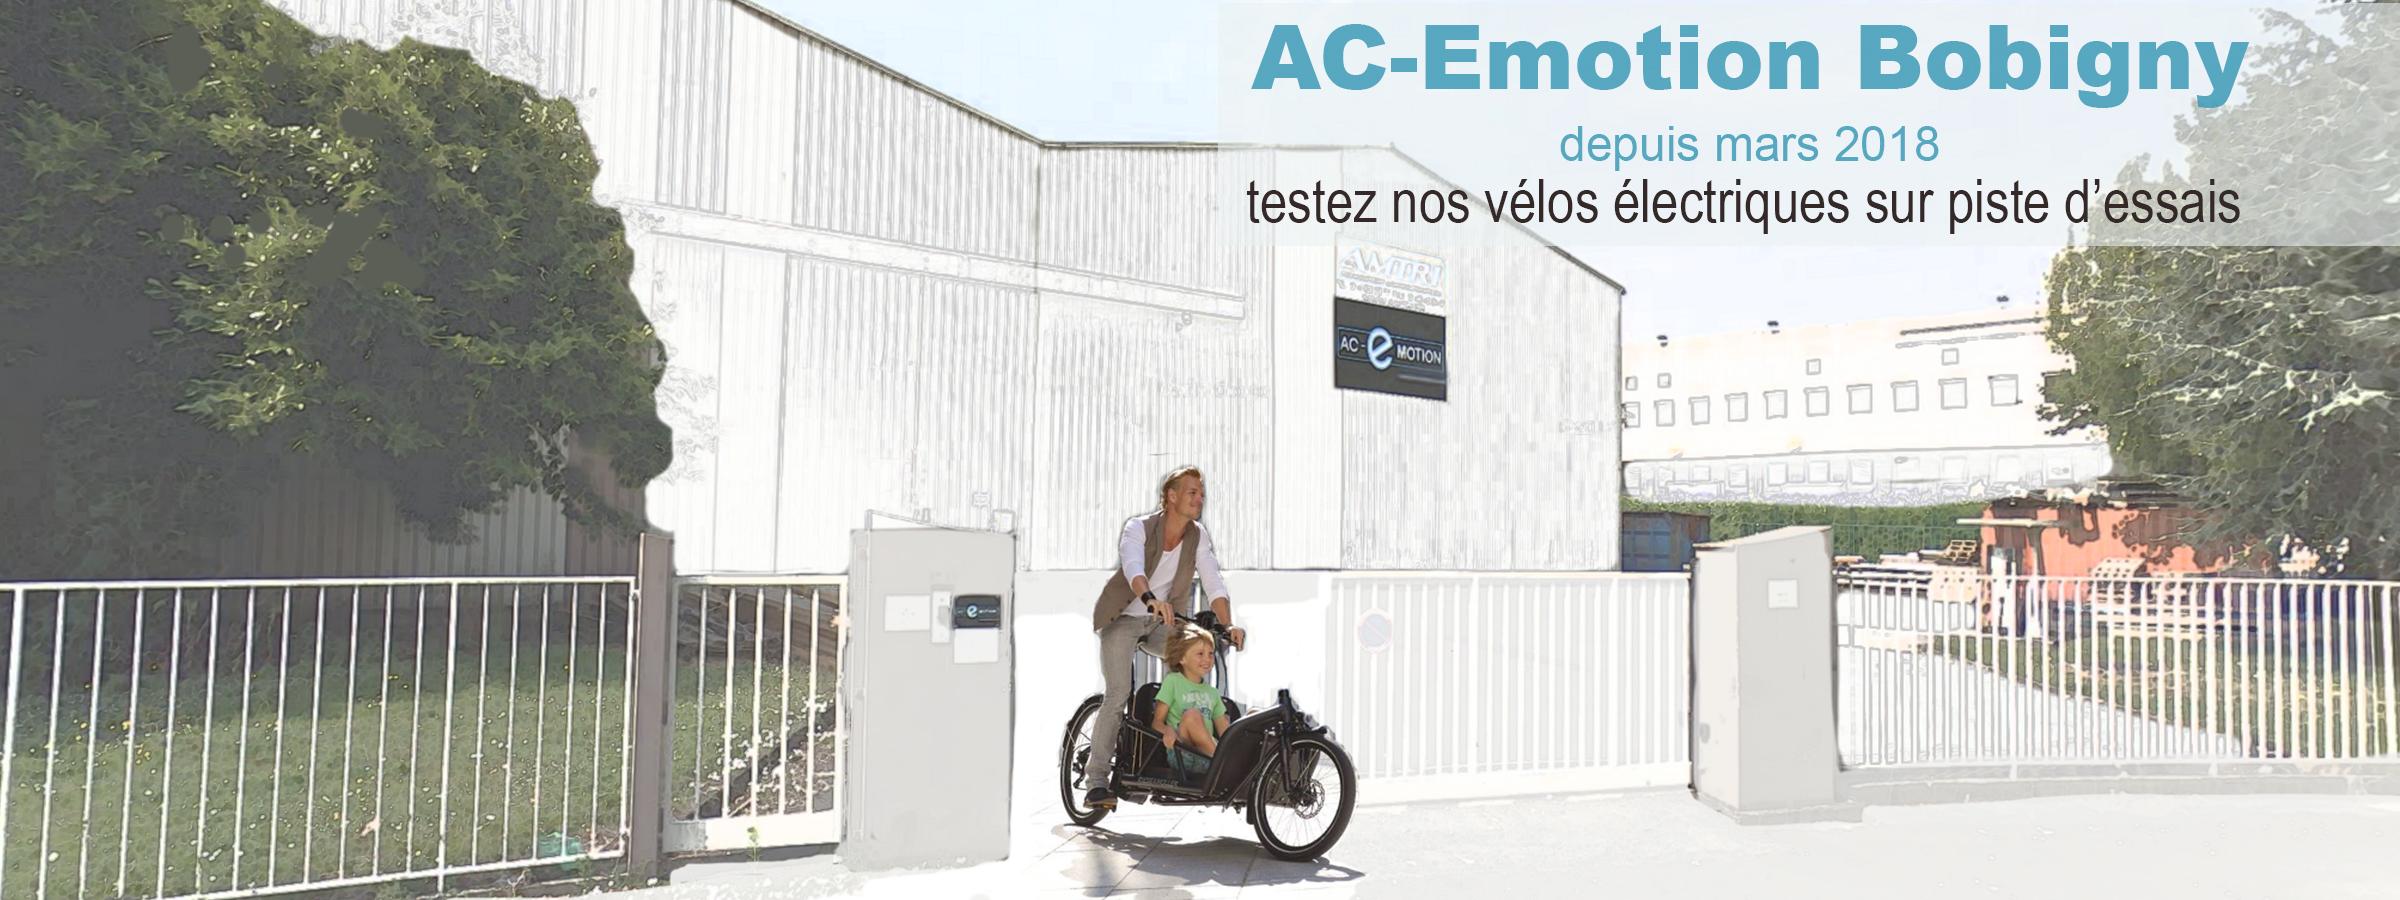 AC-Emotion e-Bike center Paris-Bobigny : espace commercial dédié à la mobilité électrique, avec piste d'essais pour les vélos électriques et les scooters électriques